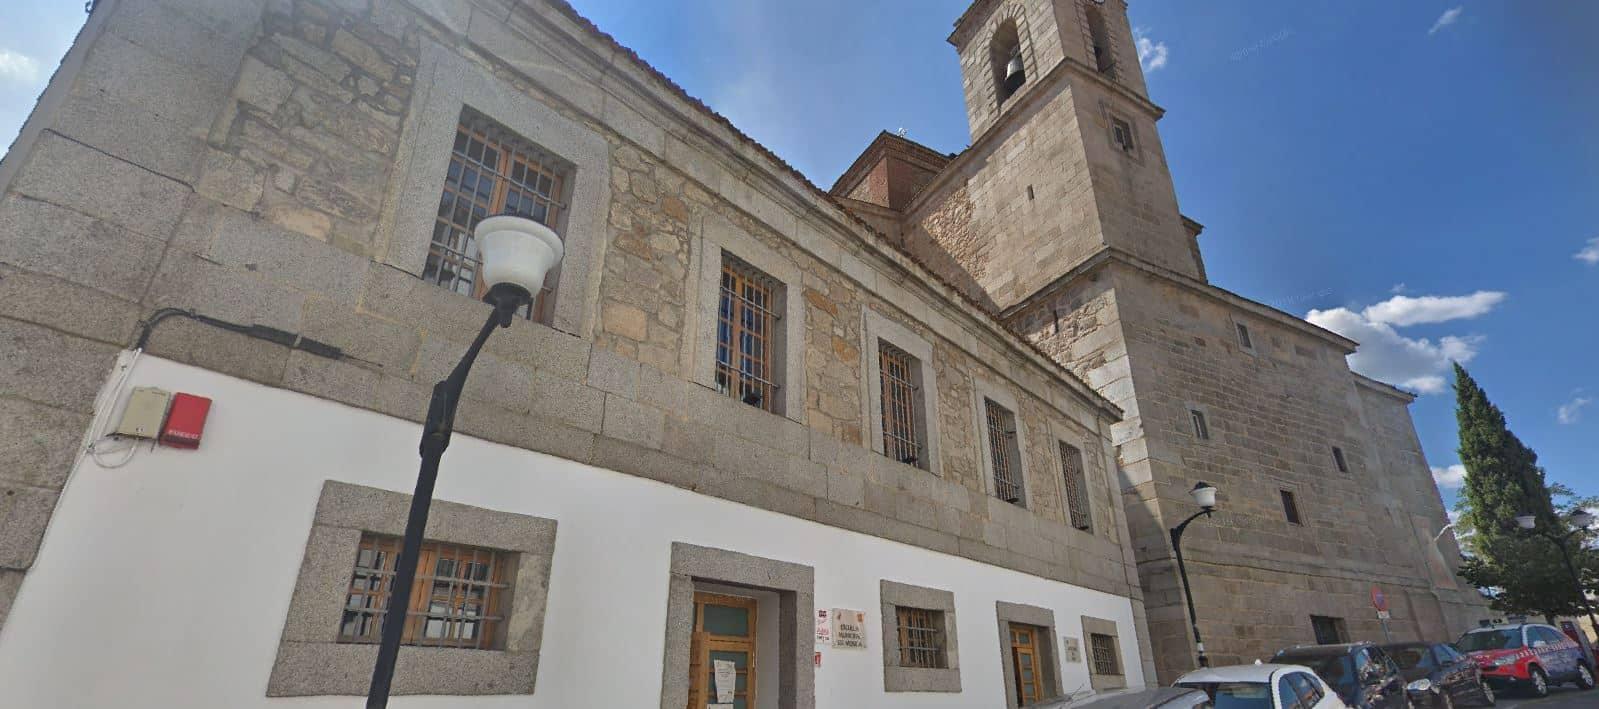 Certificado de defunción San Martín de Valdeiglesias